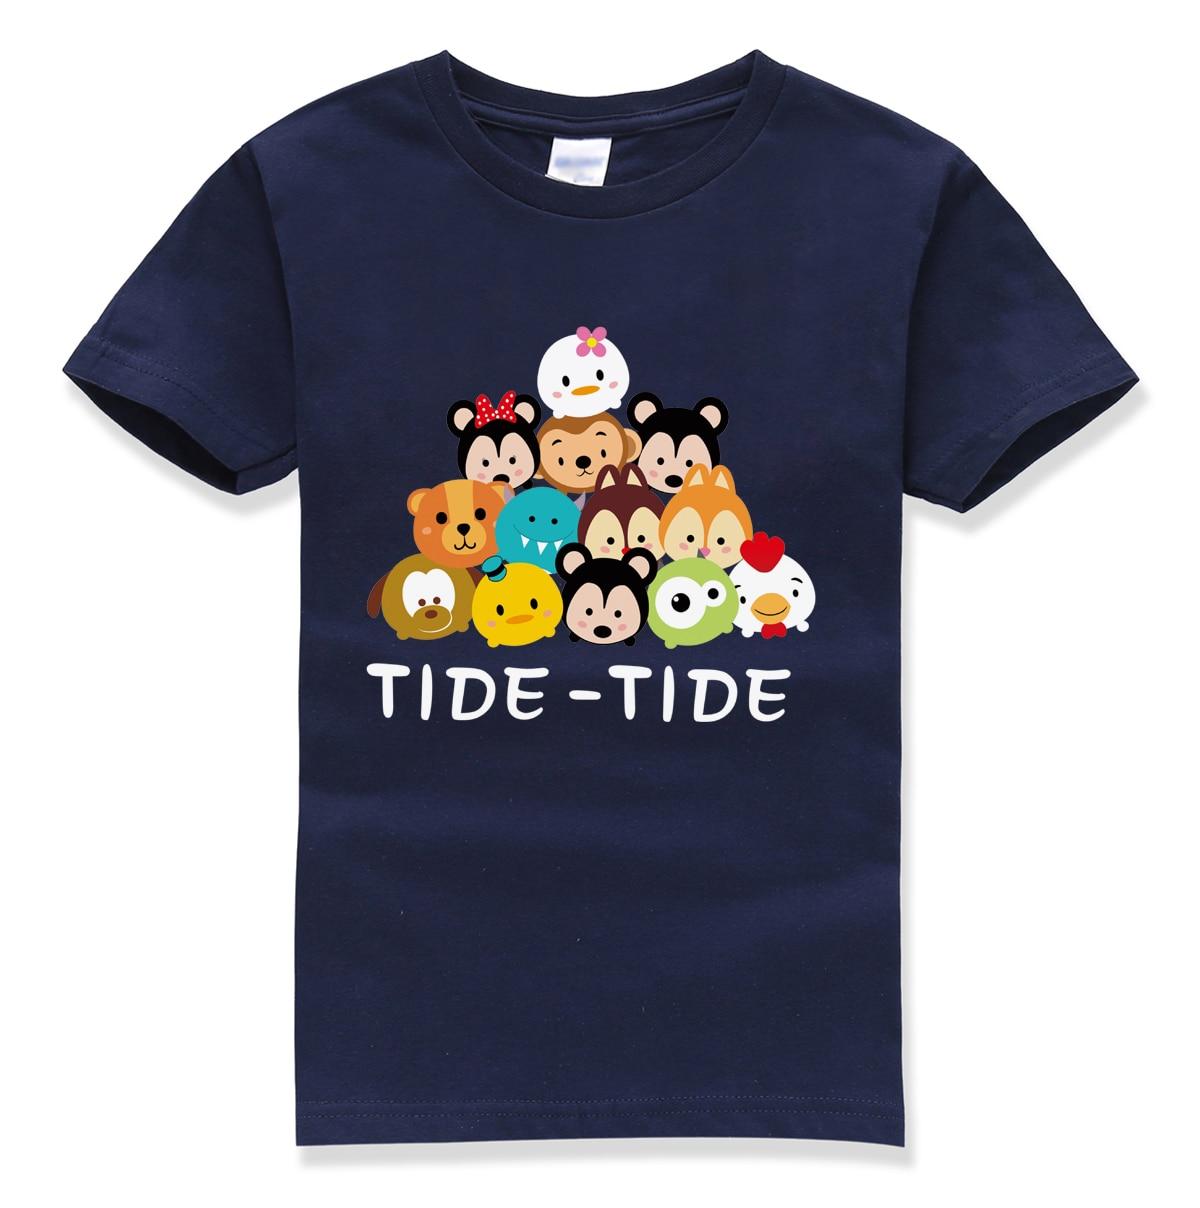 LINDO animal tops camiseta divertida verano 2018 nueva marca de moda - Ropa de ninos